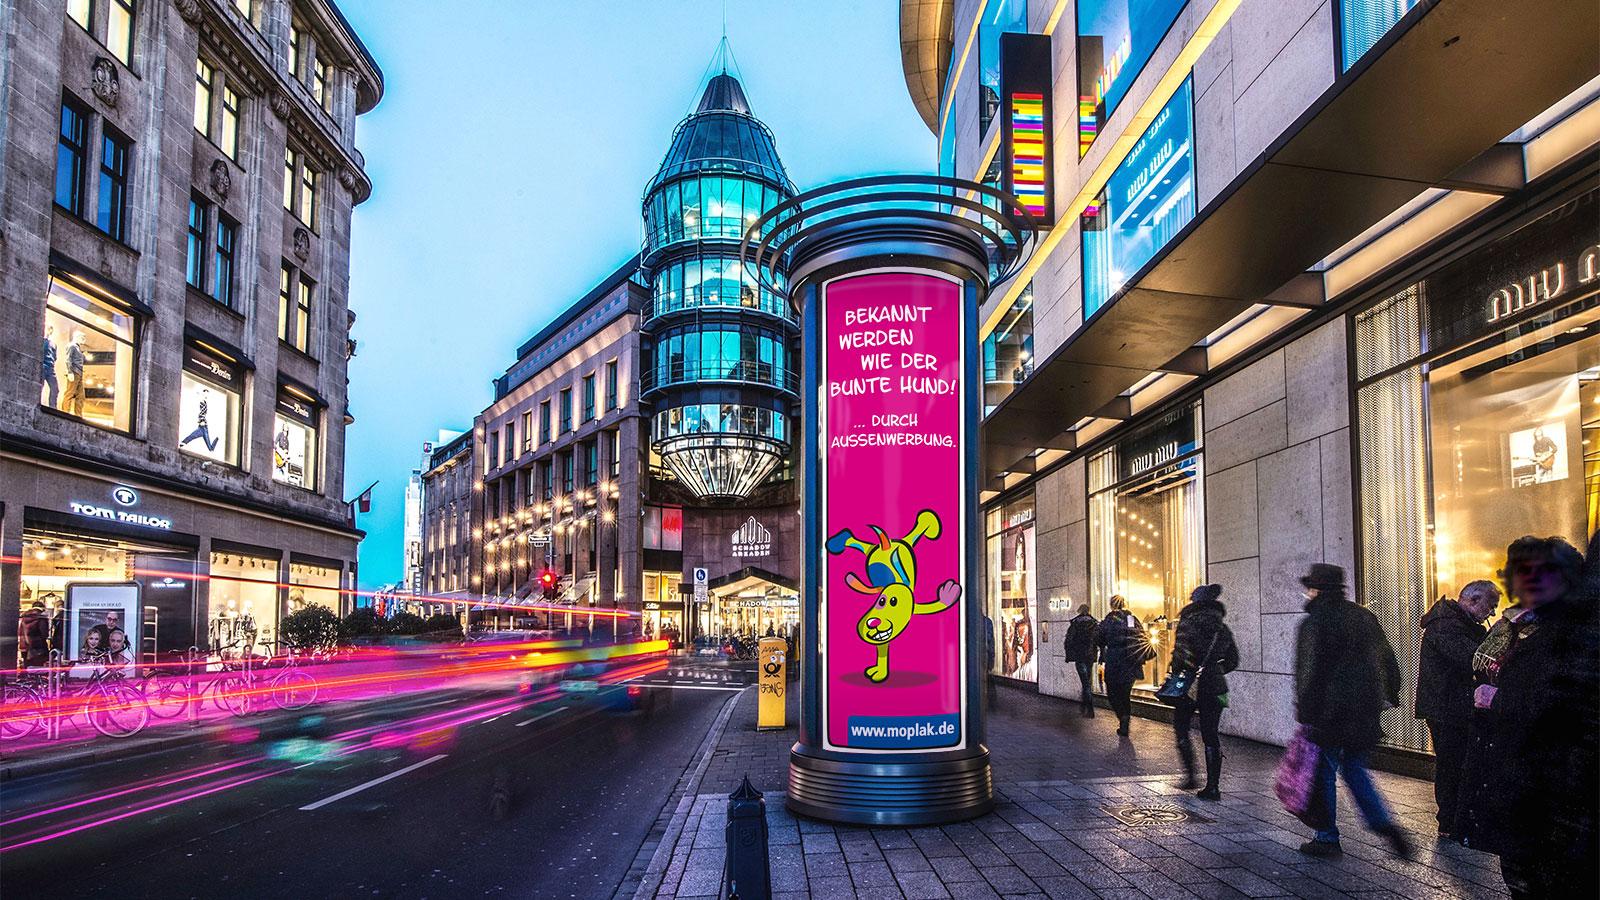 Wolfsburg-Aussenwerbung-Litfasssaeule-Werbung